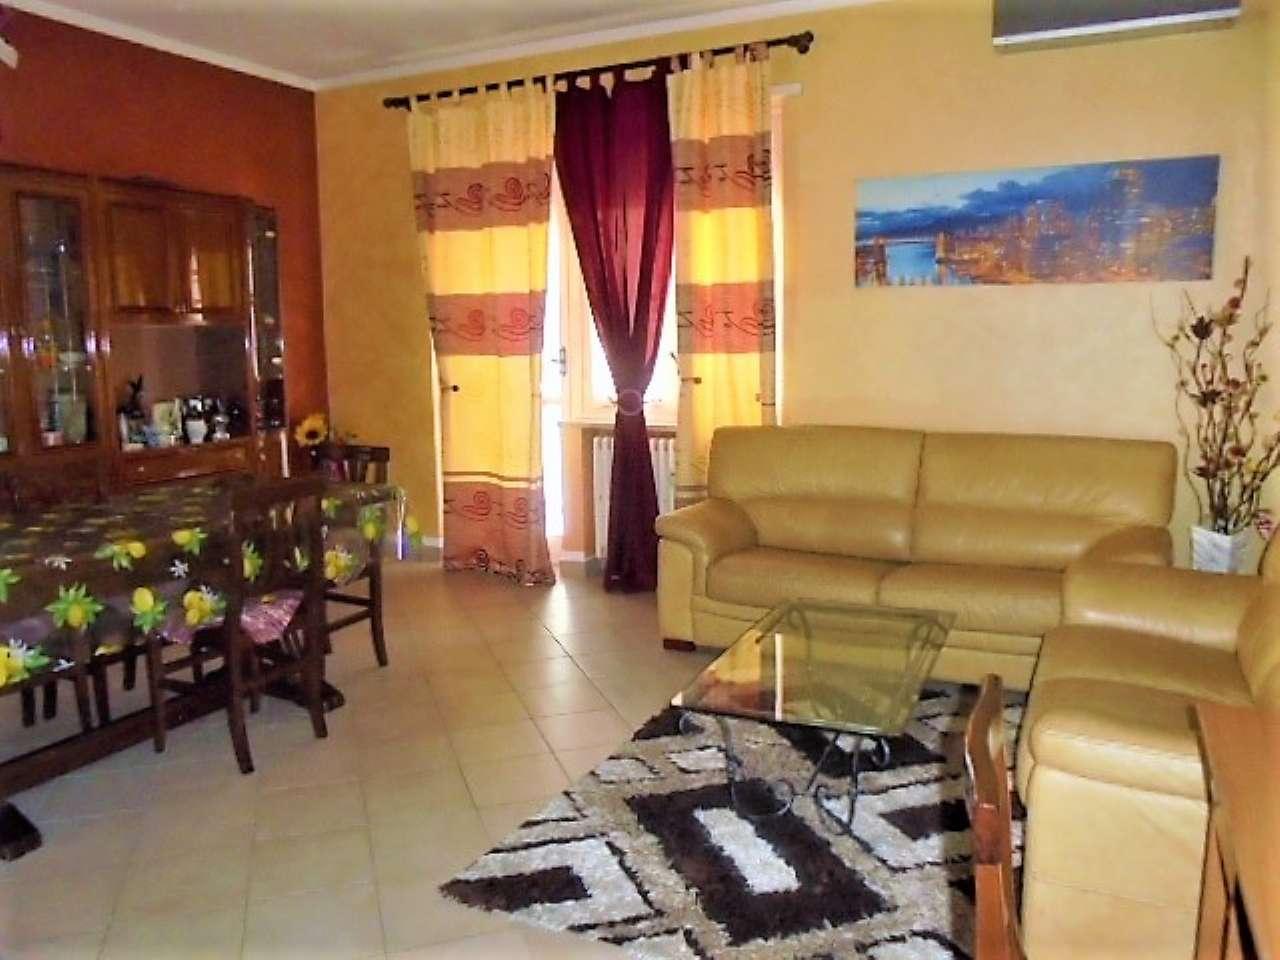 Appartamento in vendita a Santena, 3 locali, prezzo € 125.000 | CambioCasa.it